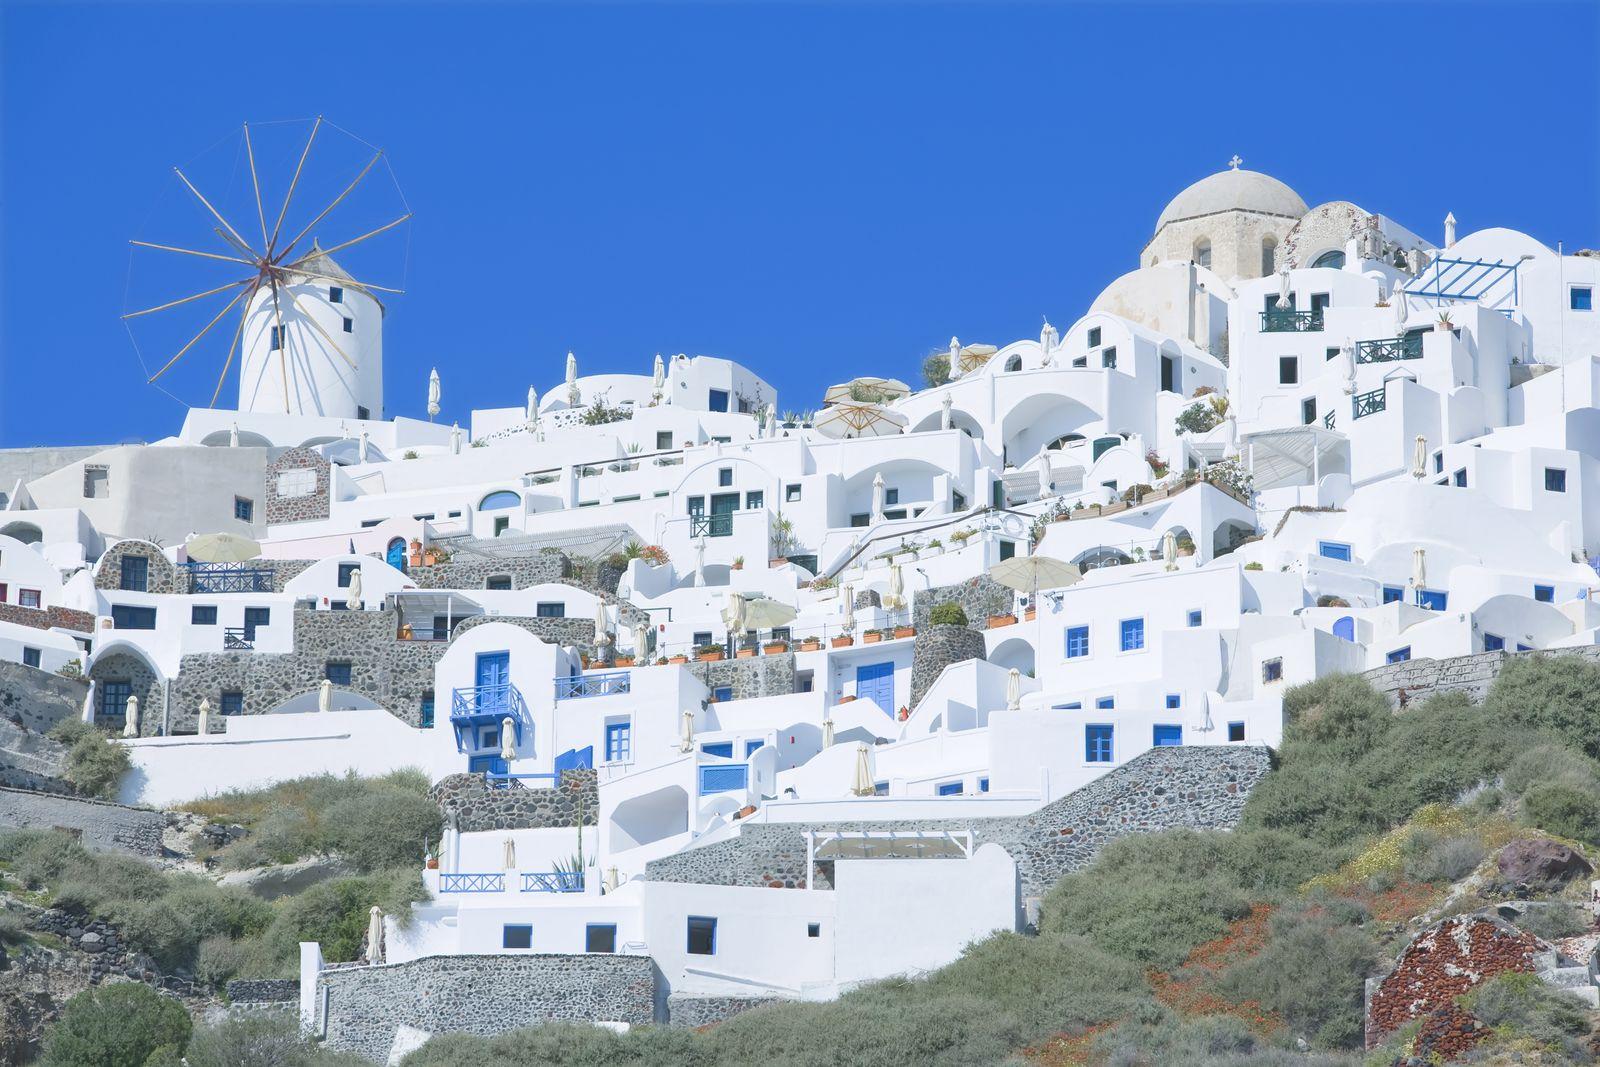 NICHT MEHR VERWENDEN! - Griechenland / Santorini / Häuser